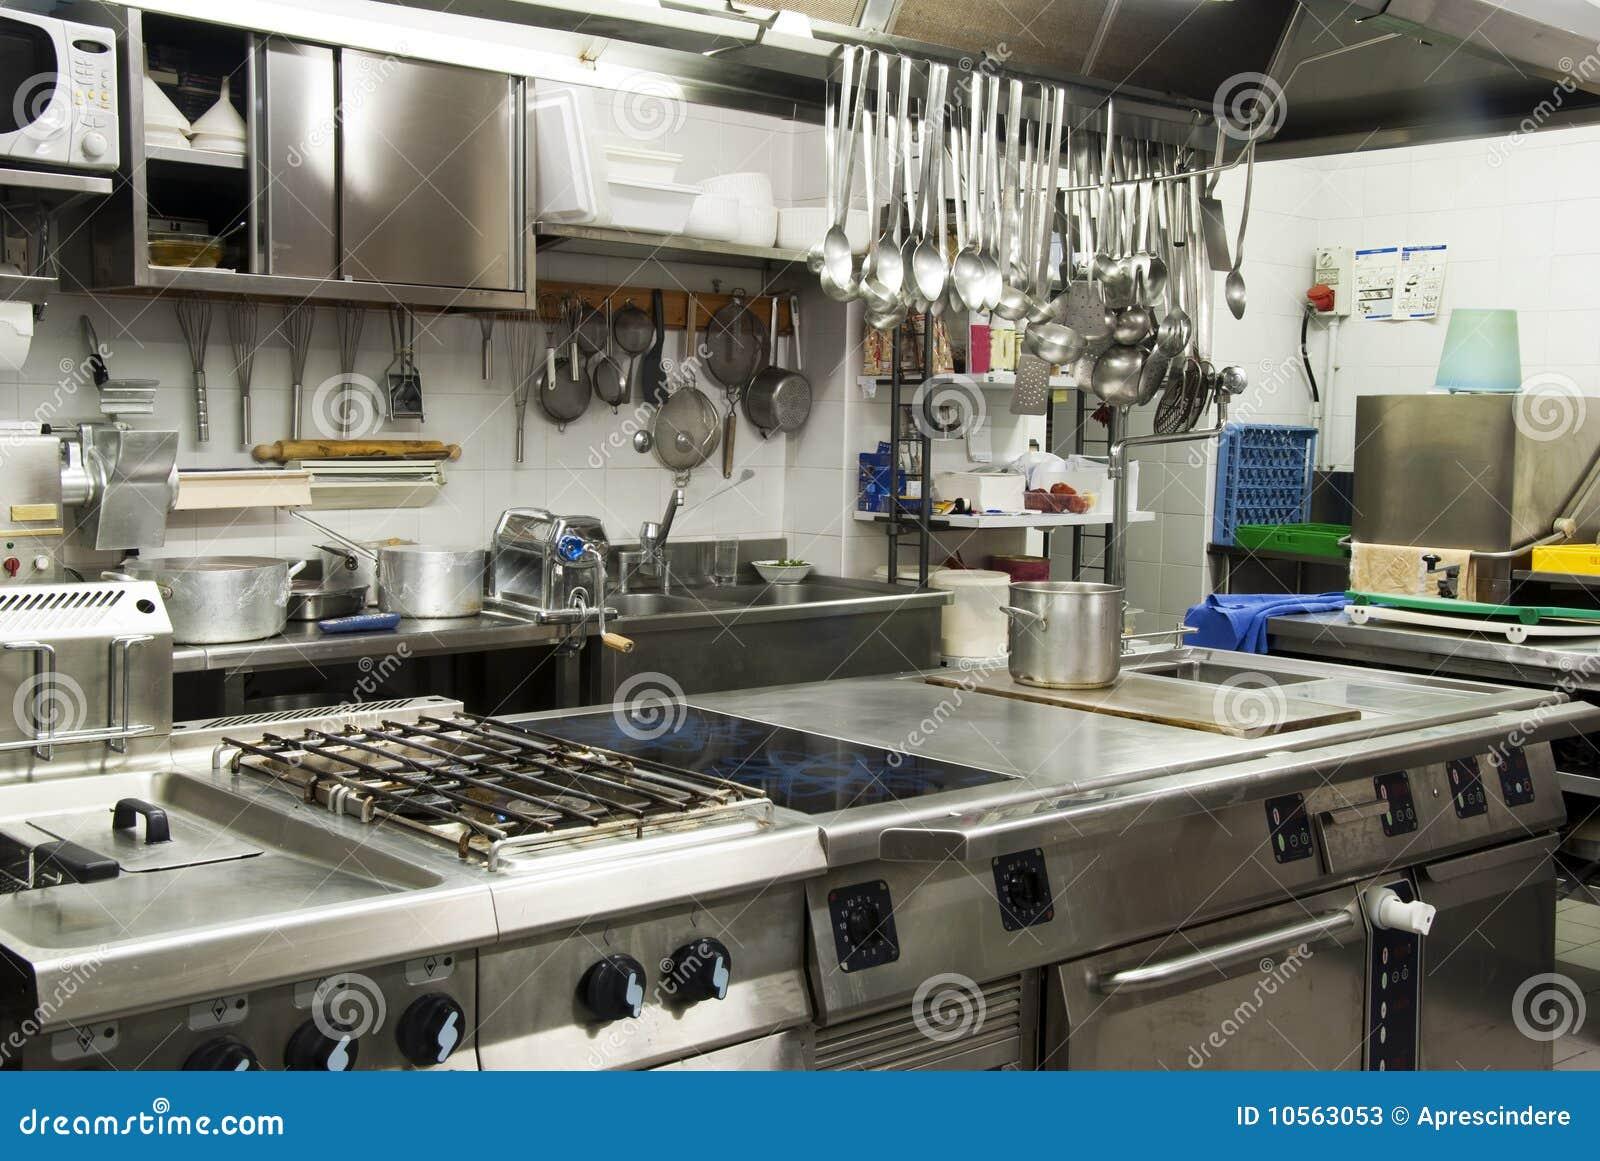 Cocina del hotel